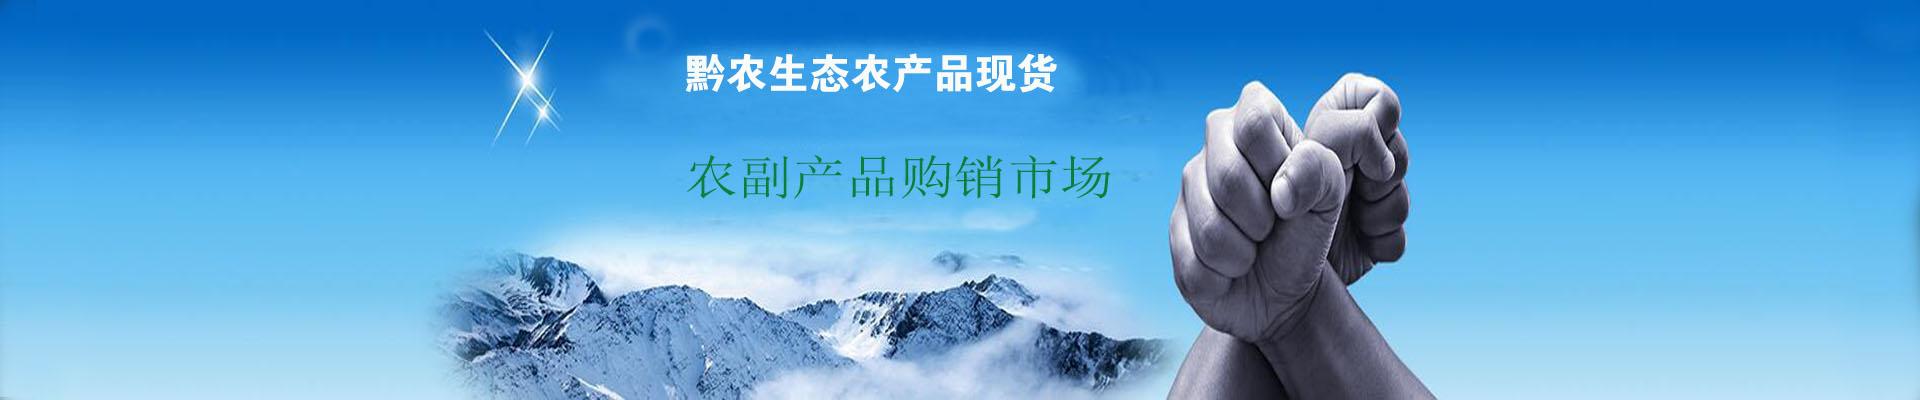 贵州农商农产品交易中心